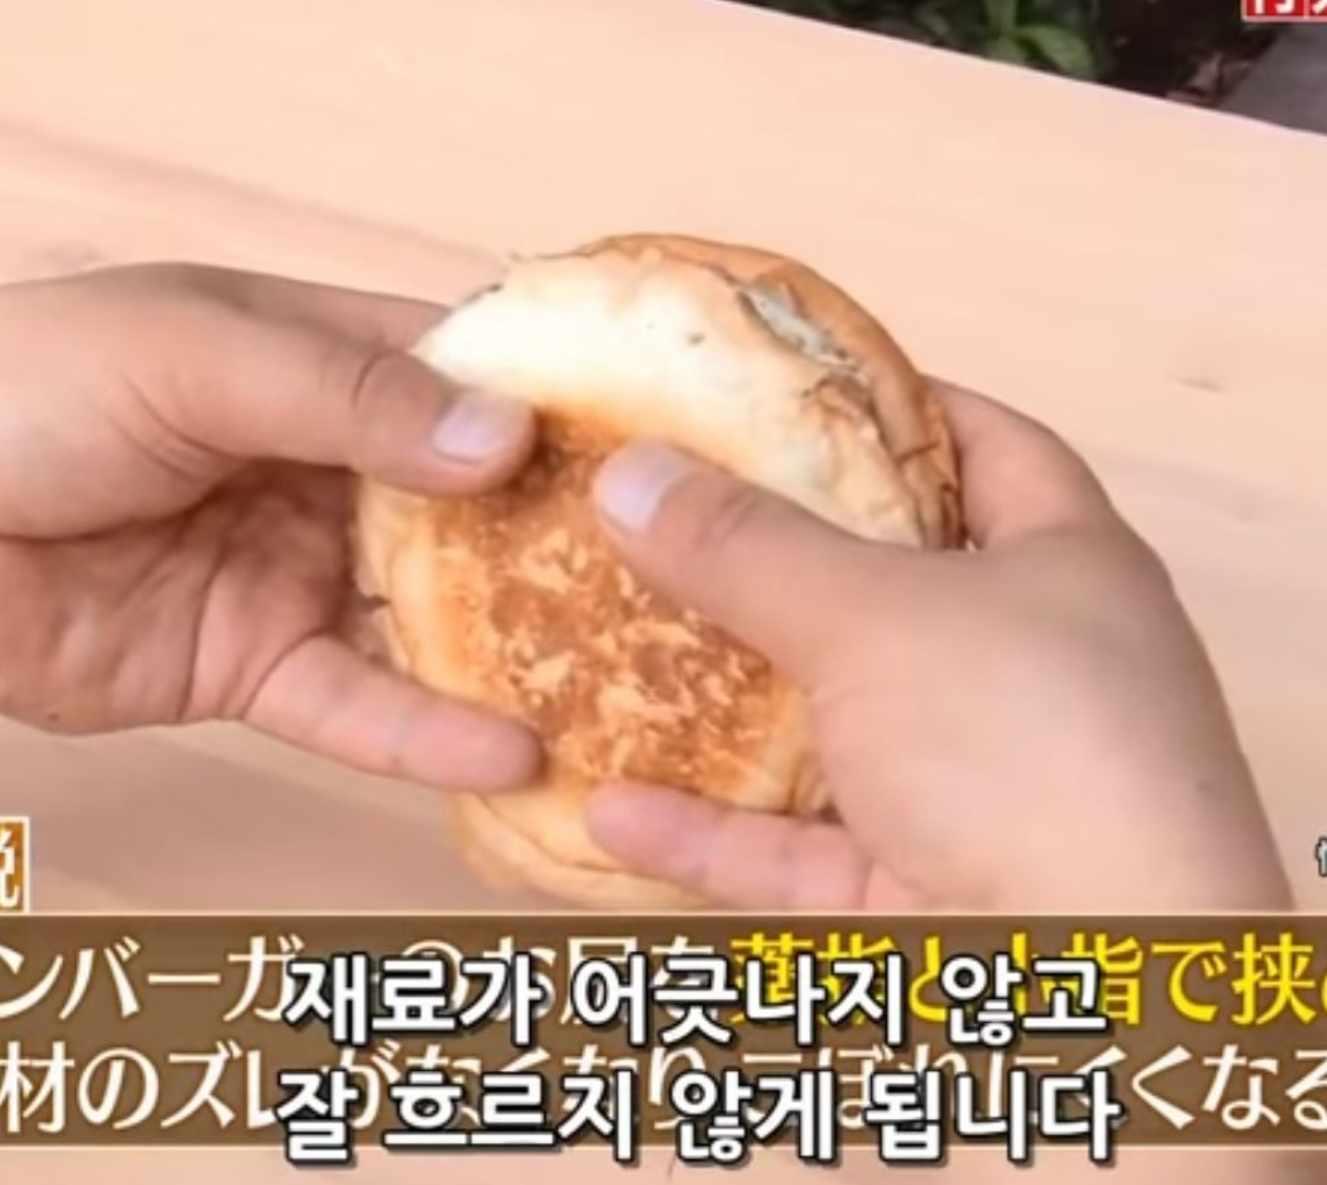 햄버거 깔끔하게 먹는 꿀팁2.jpg